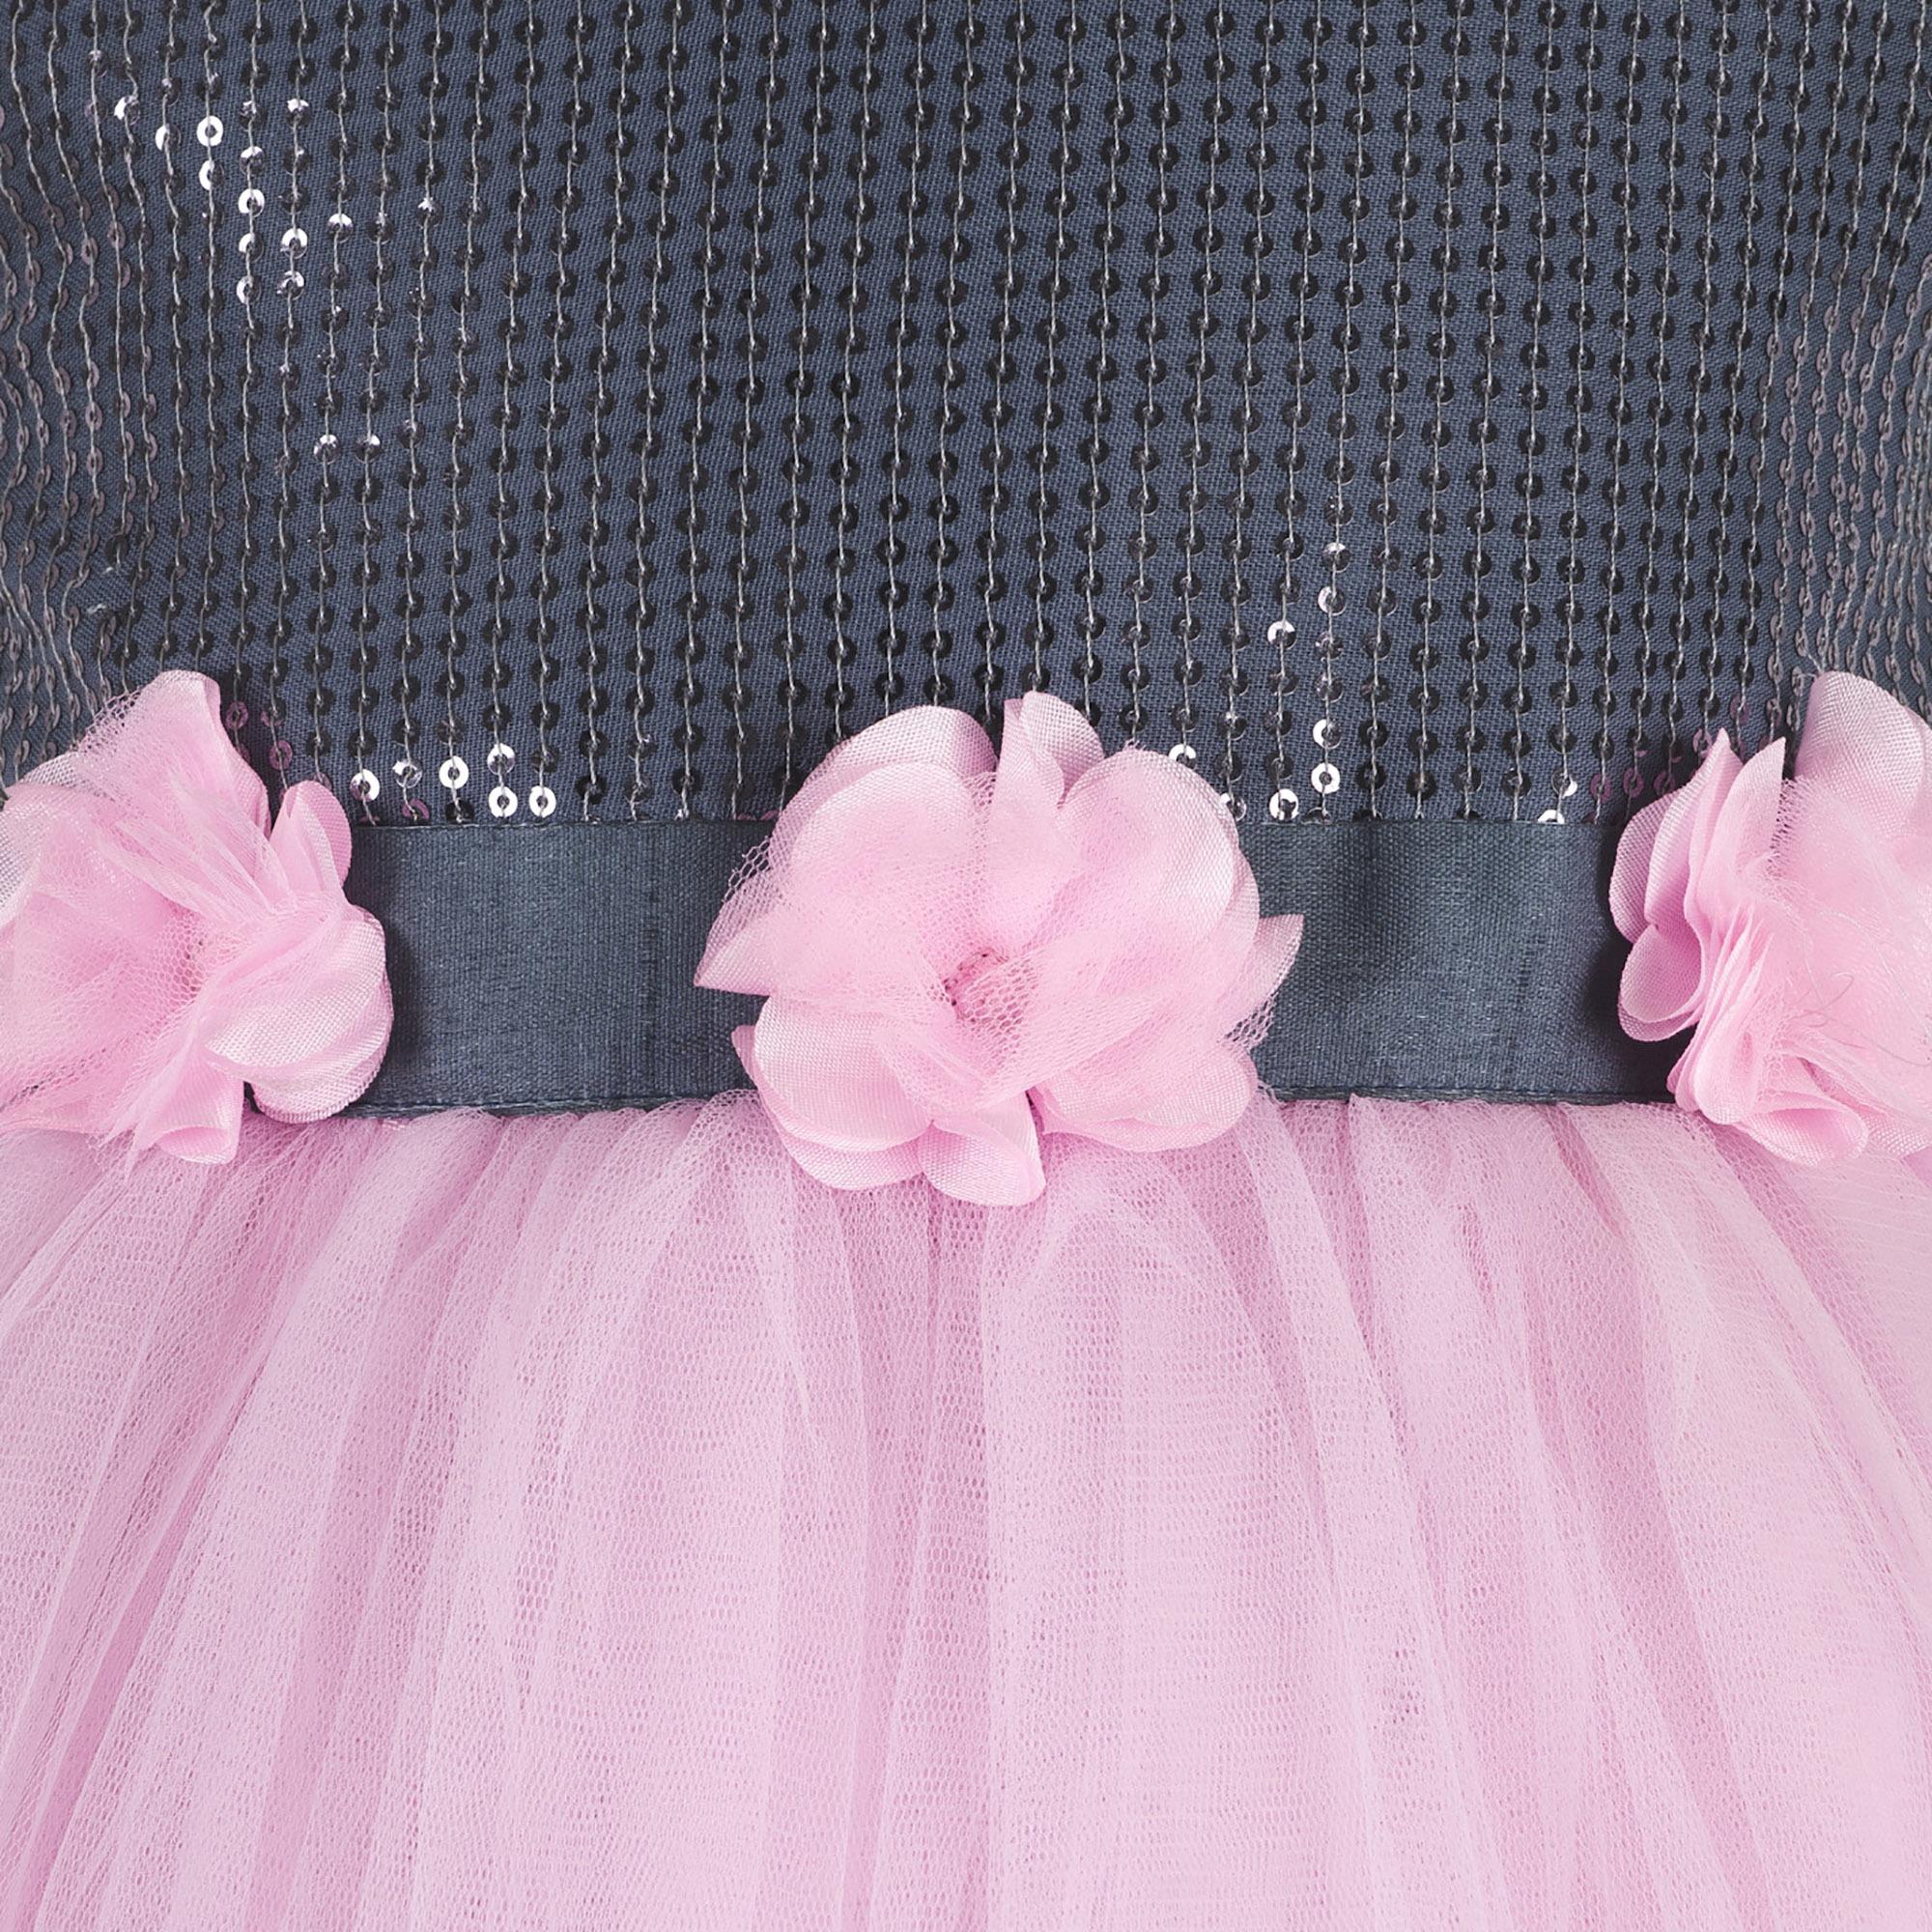 Toy Balloon Kids Girls Party Wear Dress